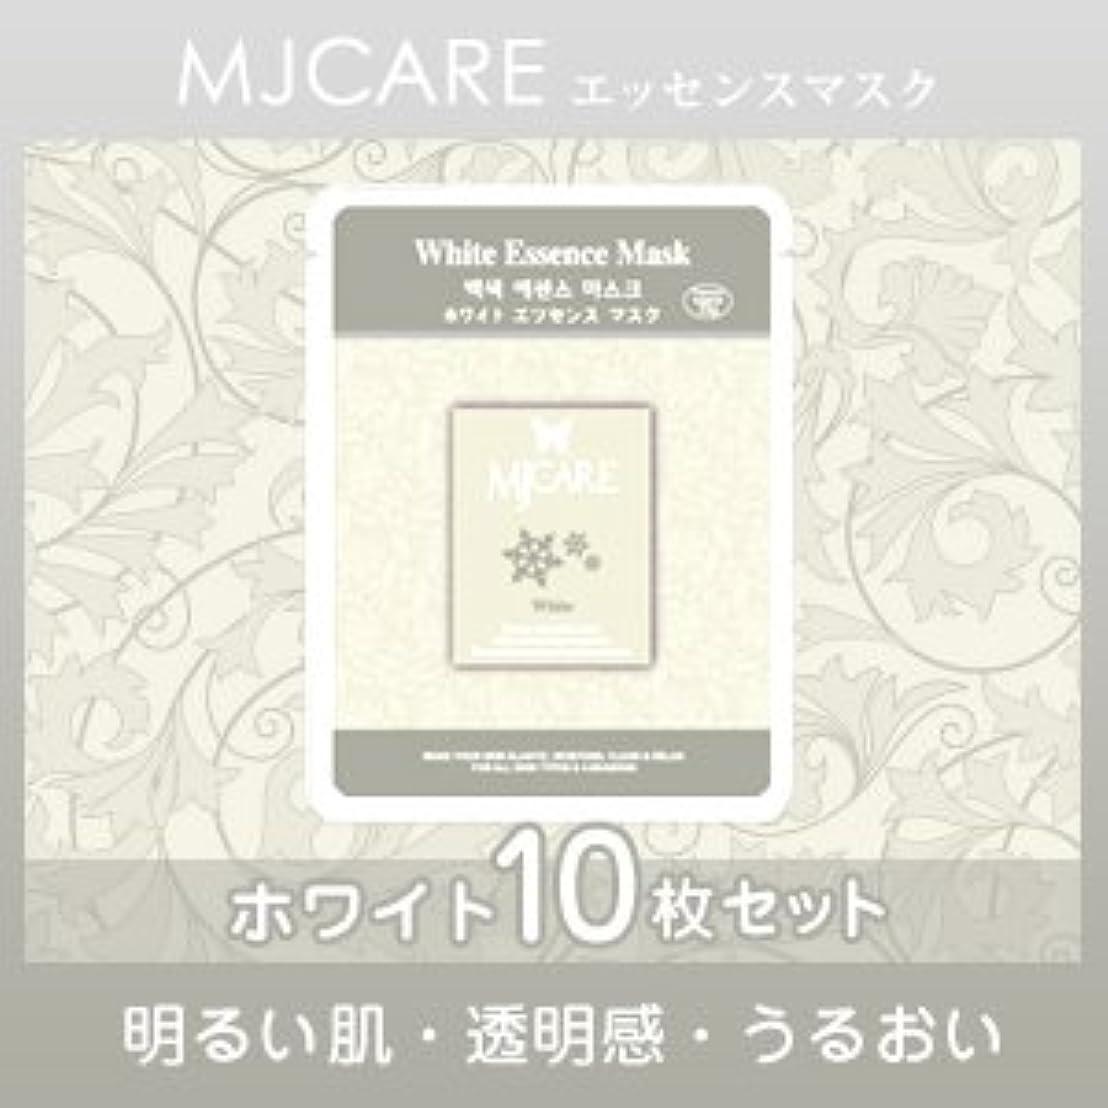 すばらしいですくぼみ変更可能MJCARE (エムジェイケア) ホワイト エッセンスマスク 10セット